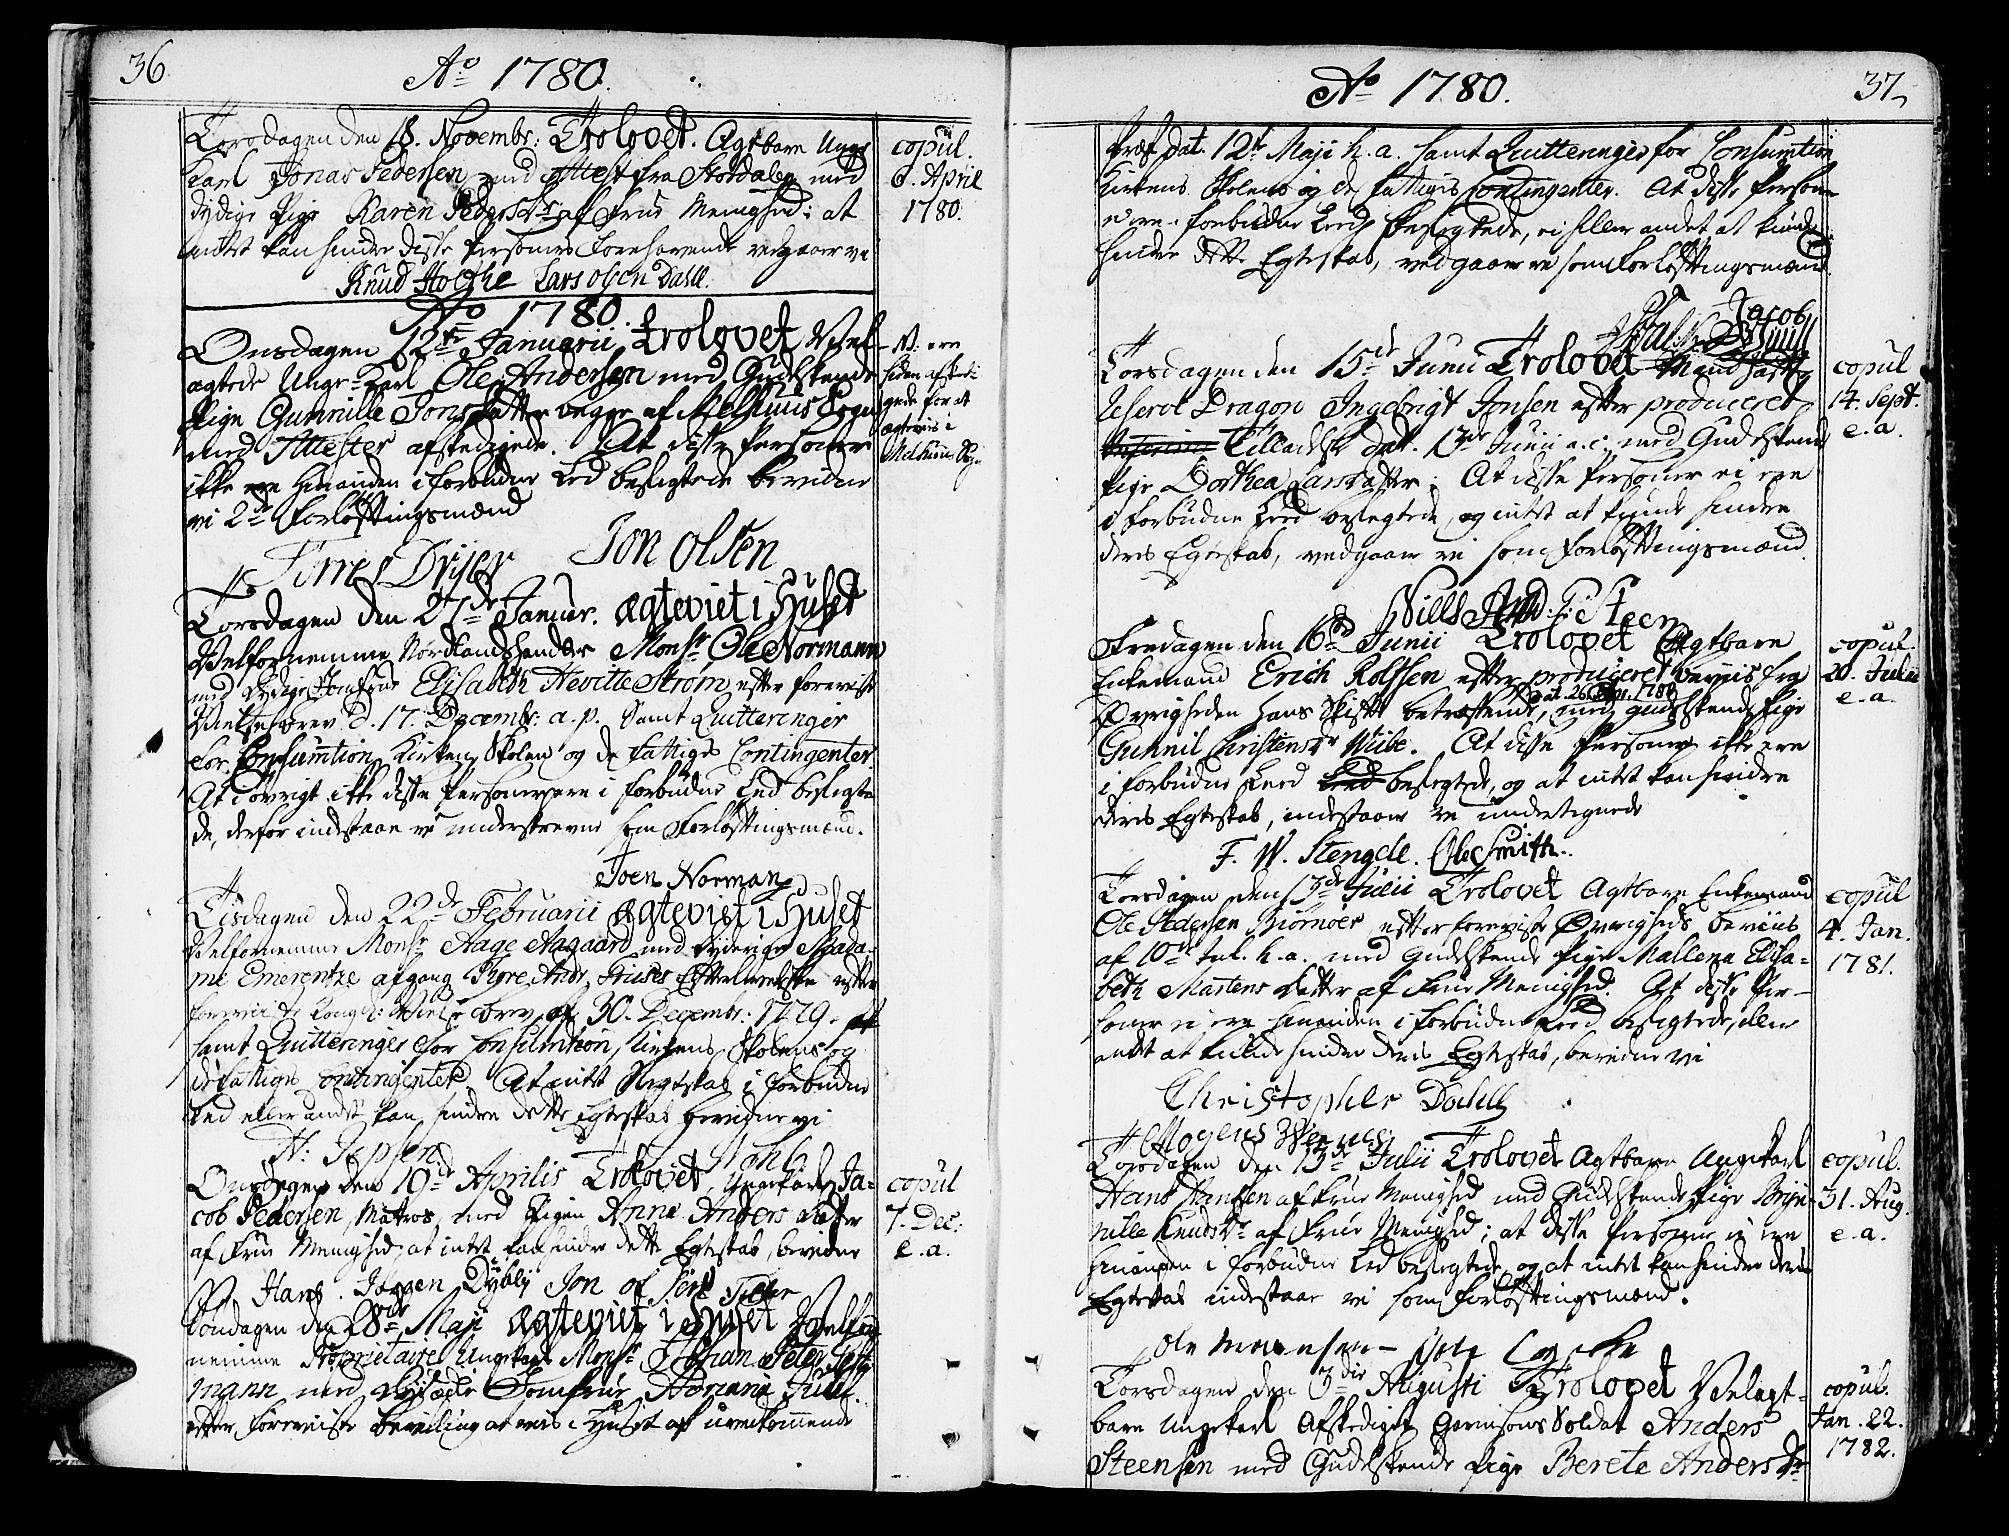 SAT, Ministerialprotokoller, klokkerbøker og fødselsregistre - Sør-Trøndelag, 602/L0105: Ministerialbok nr. 602A03, 1774-1814, s. 36-37